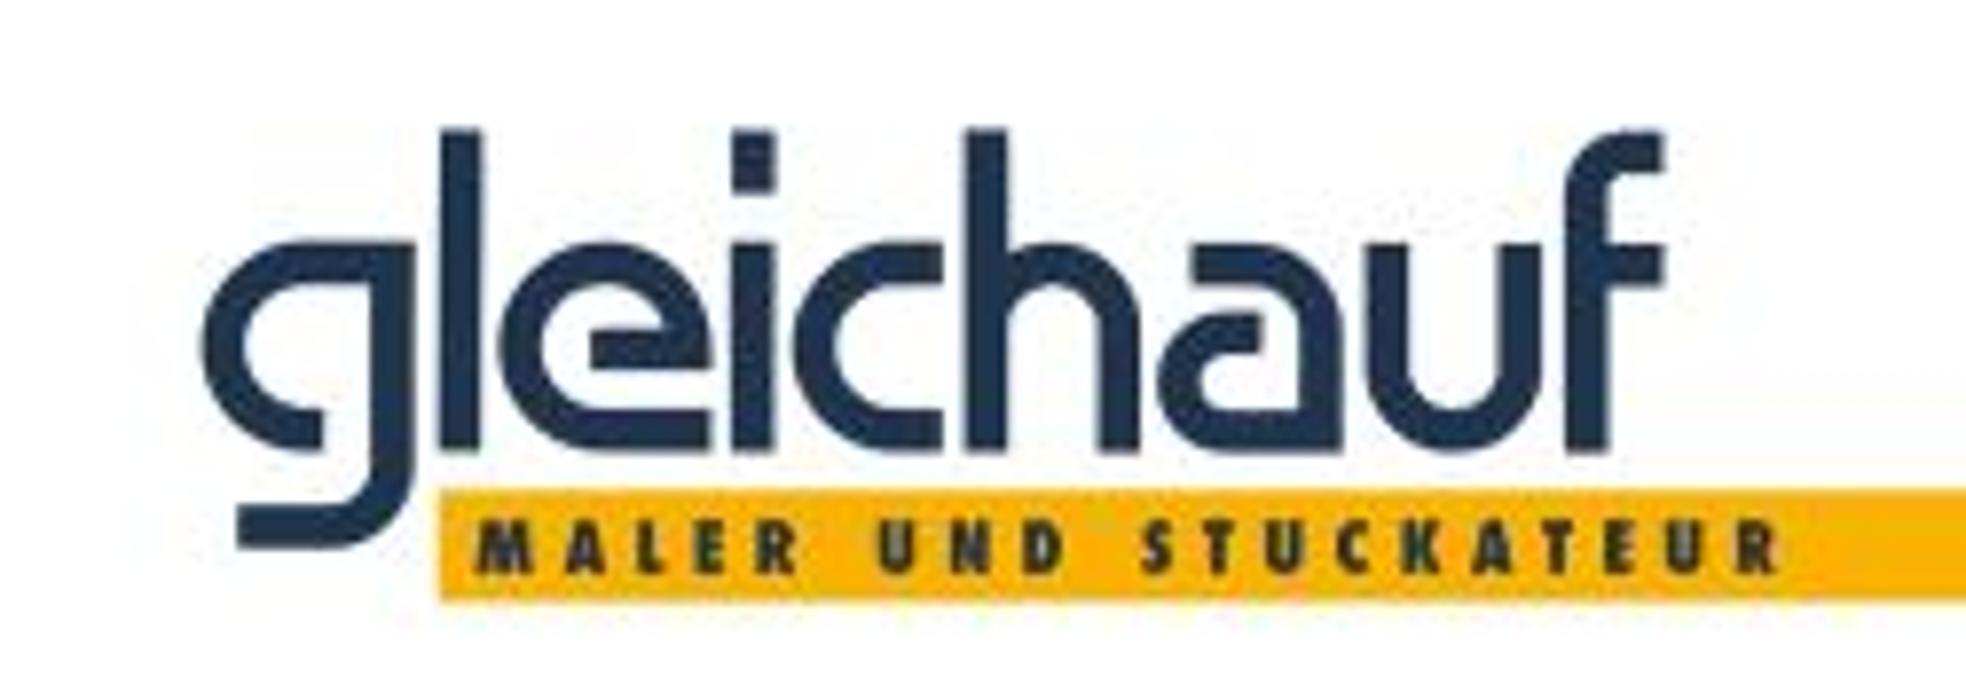 Bild zu gleichauf GmbH - Maler und Stuckateur in Waiblingen